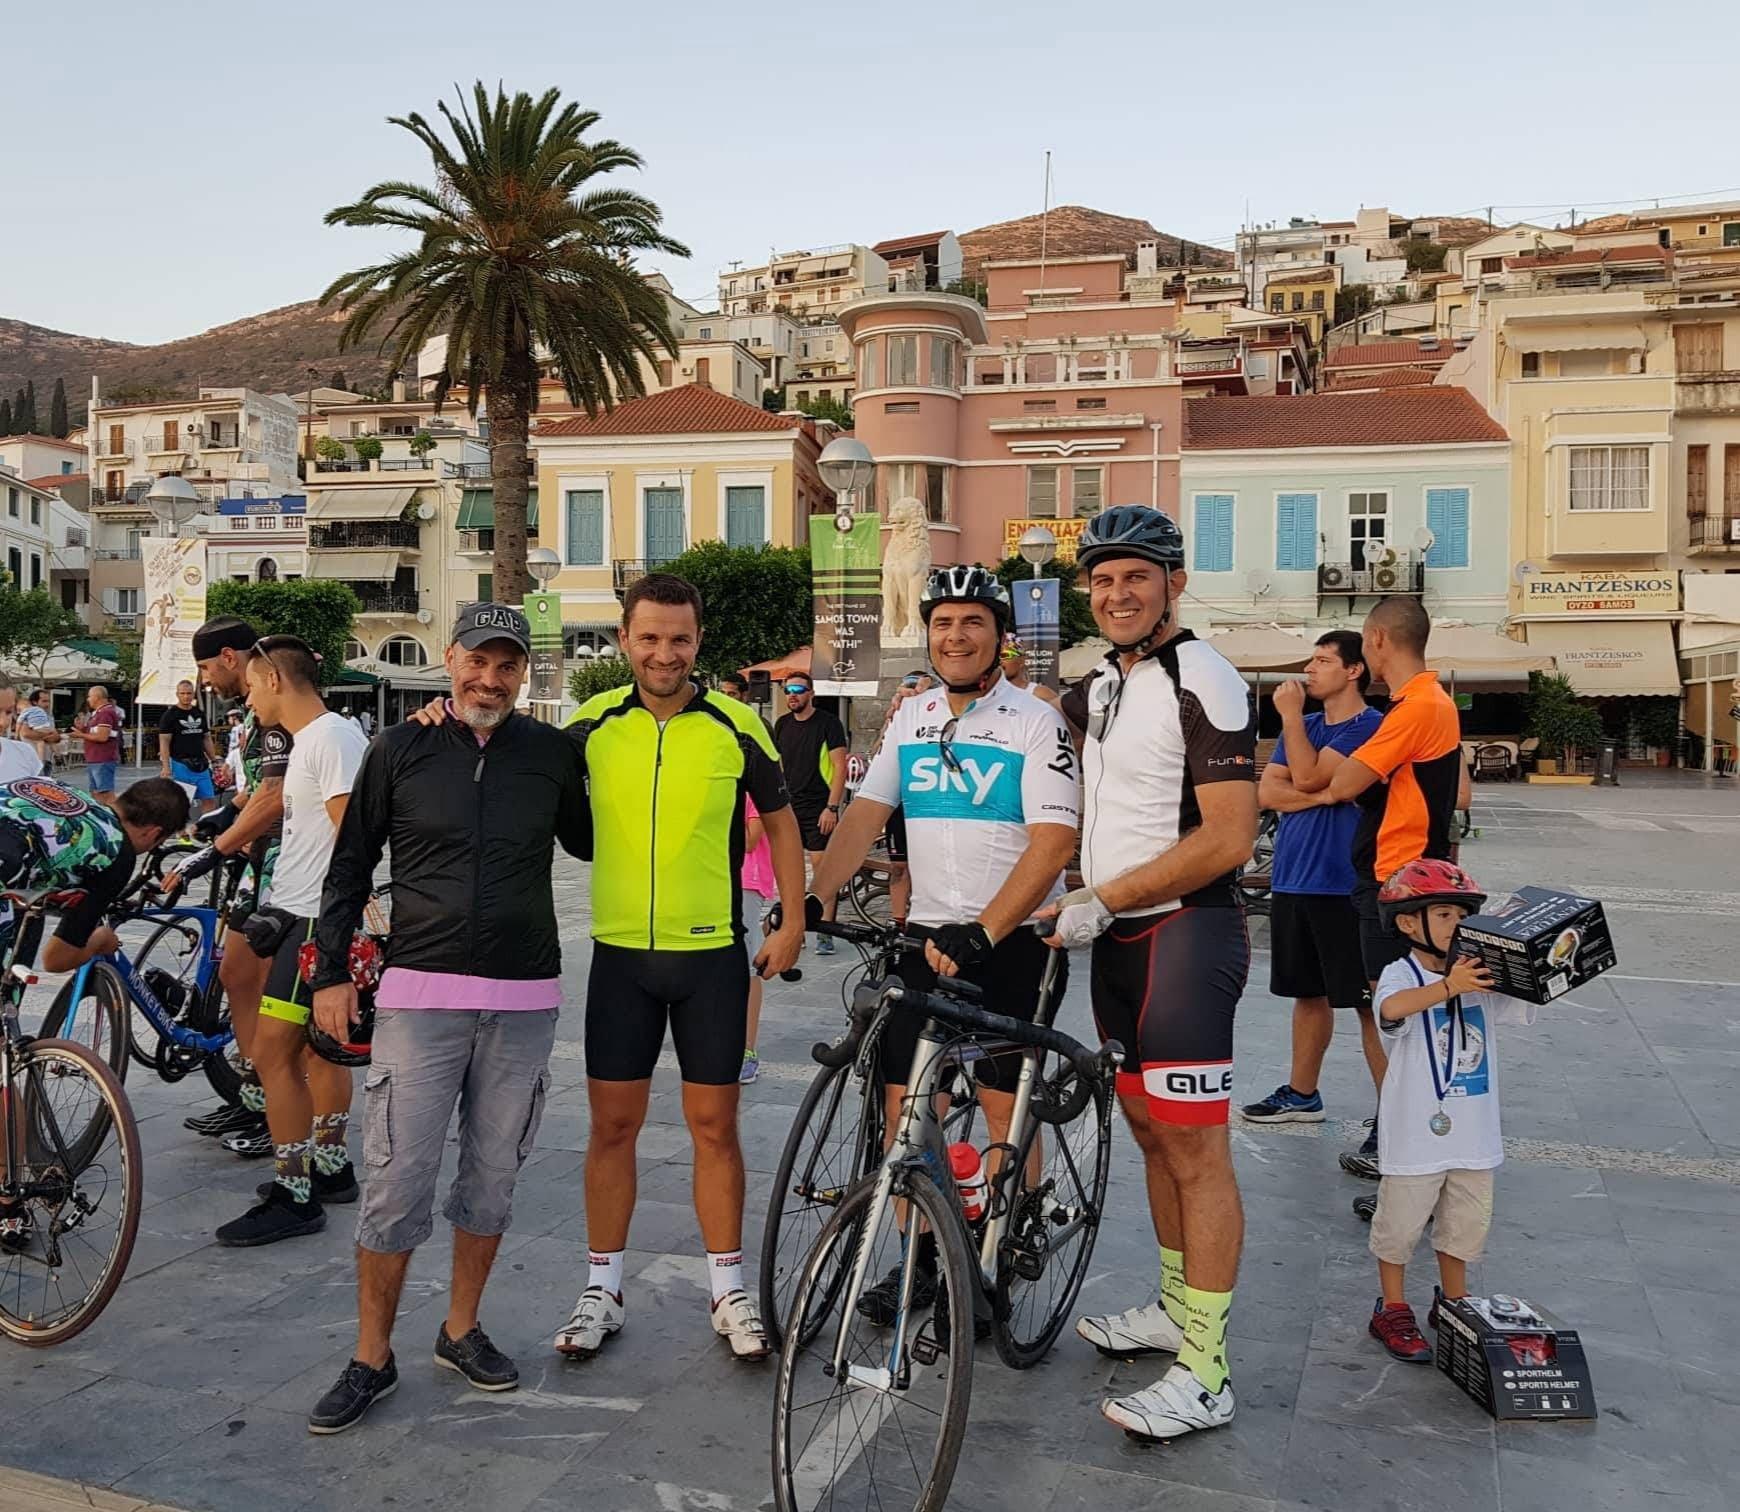 Μανώλης Σιγανός: Είναι πολύ καλό που εν μέσω πανδημίας, ο κόσμος ανακάλυψε την αξία του ποδηλάτου